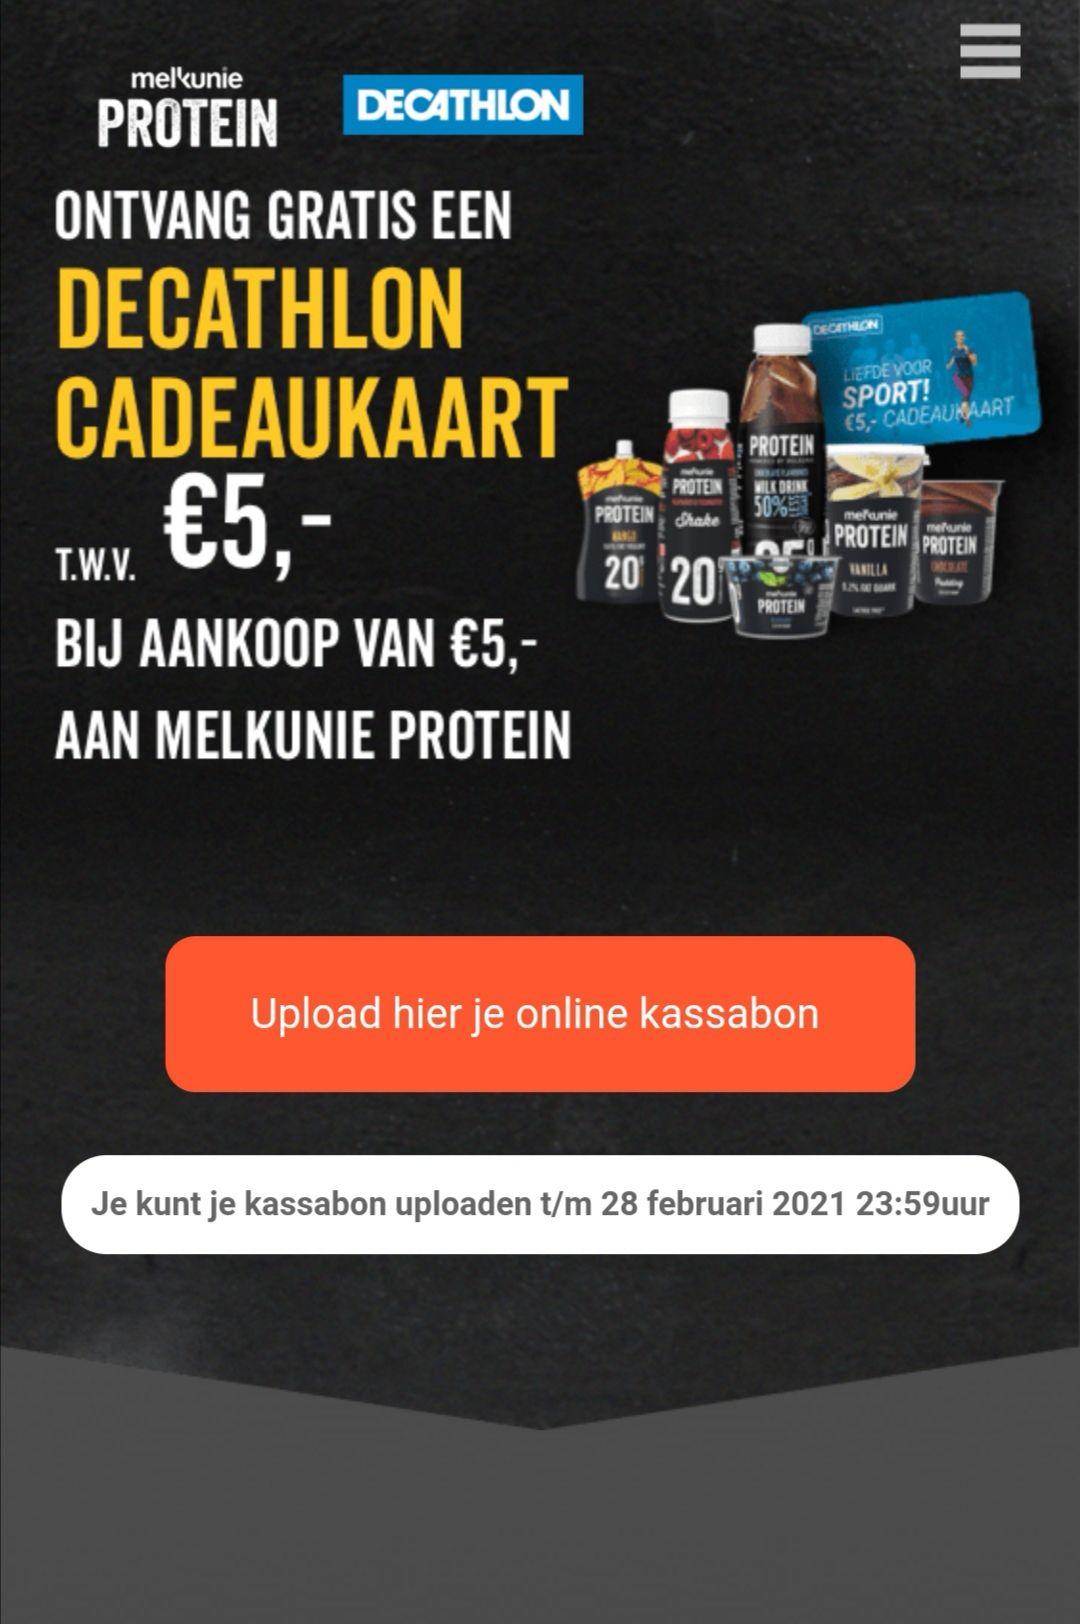 Decathlon cadeaukaart twv €5,- bij online aankoop van Melkunie Protein twv minimaal €5,-